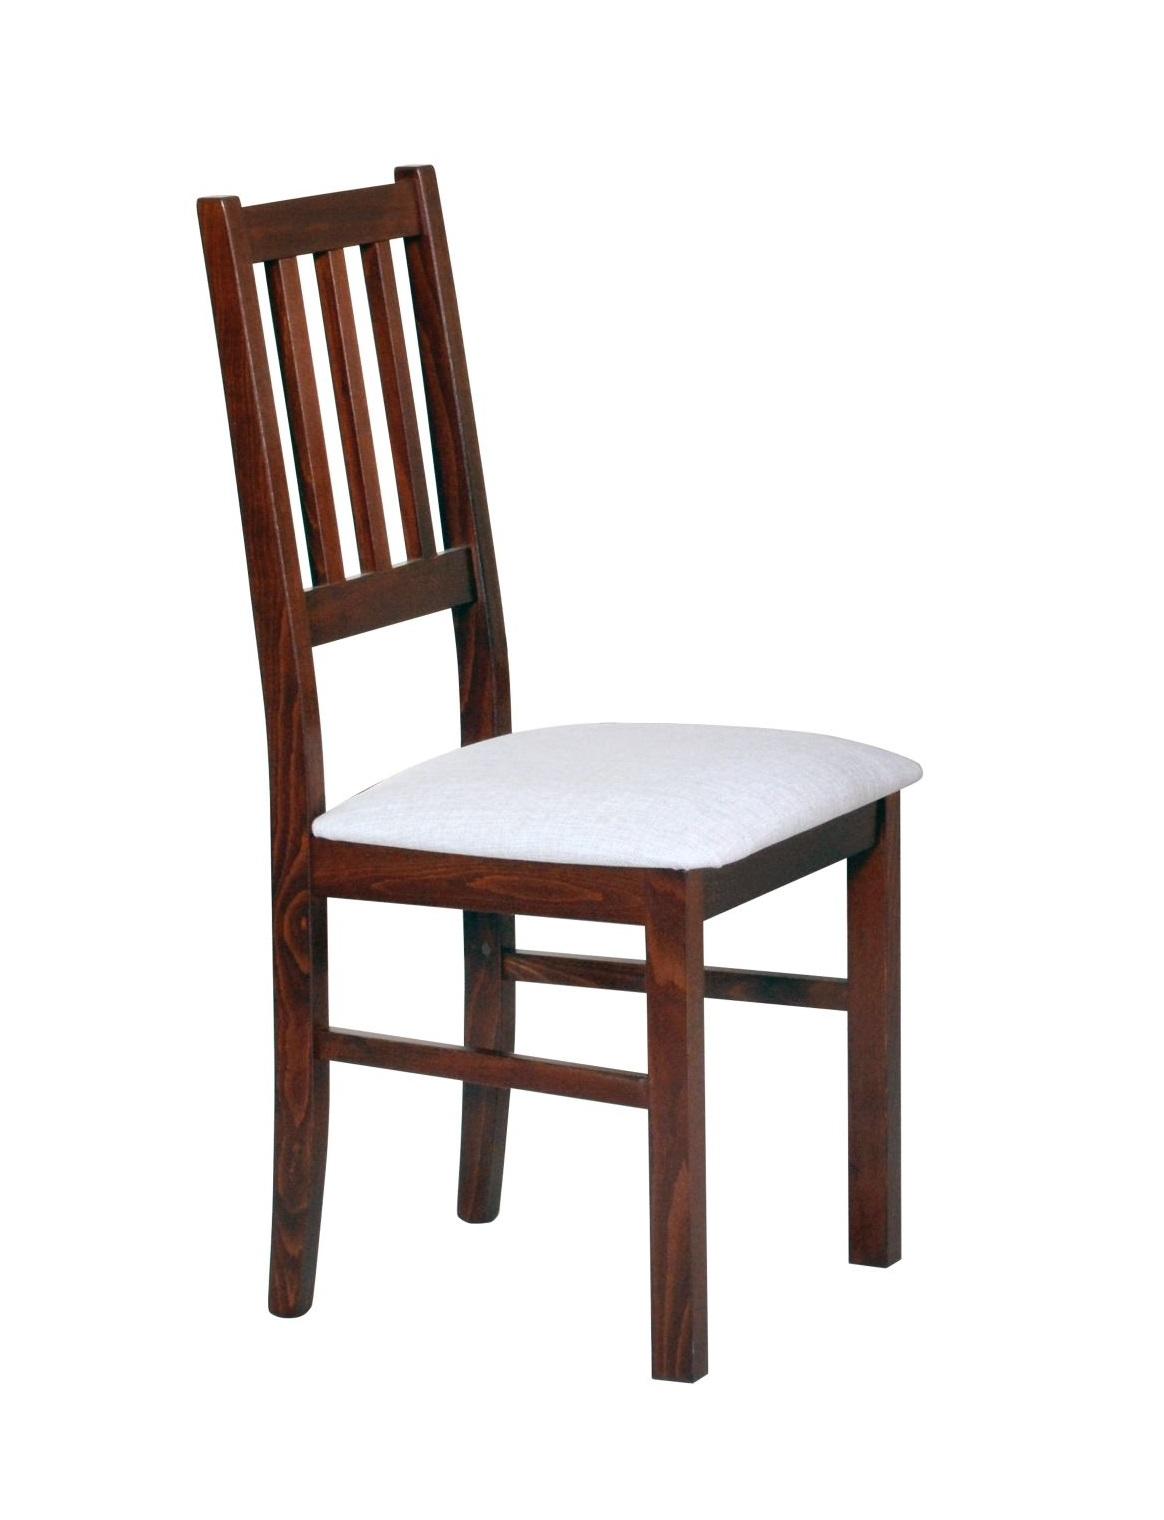 Drevená stolička, MK IV orech kuchyňa veľkoobchod RIBES